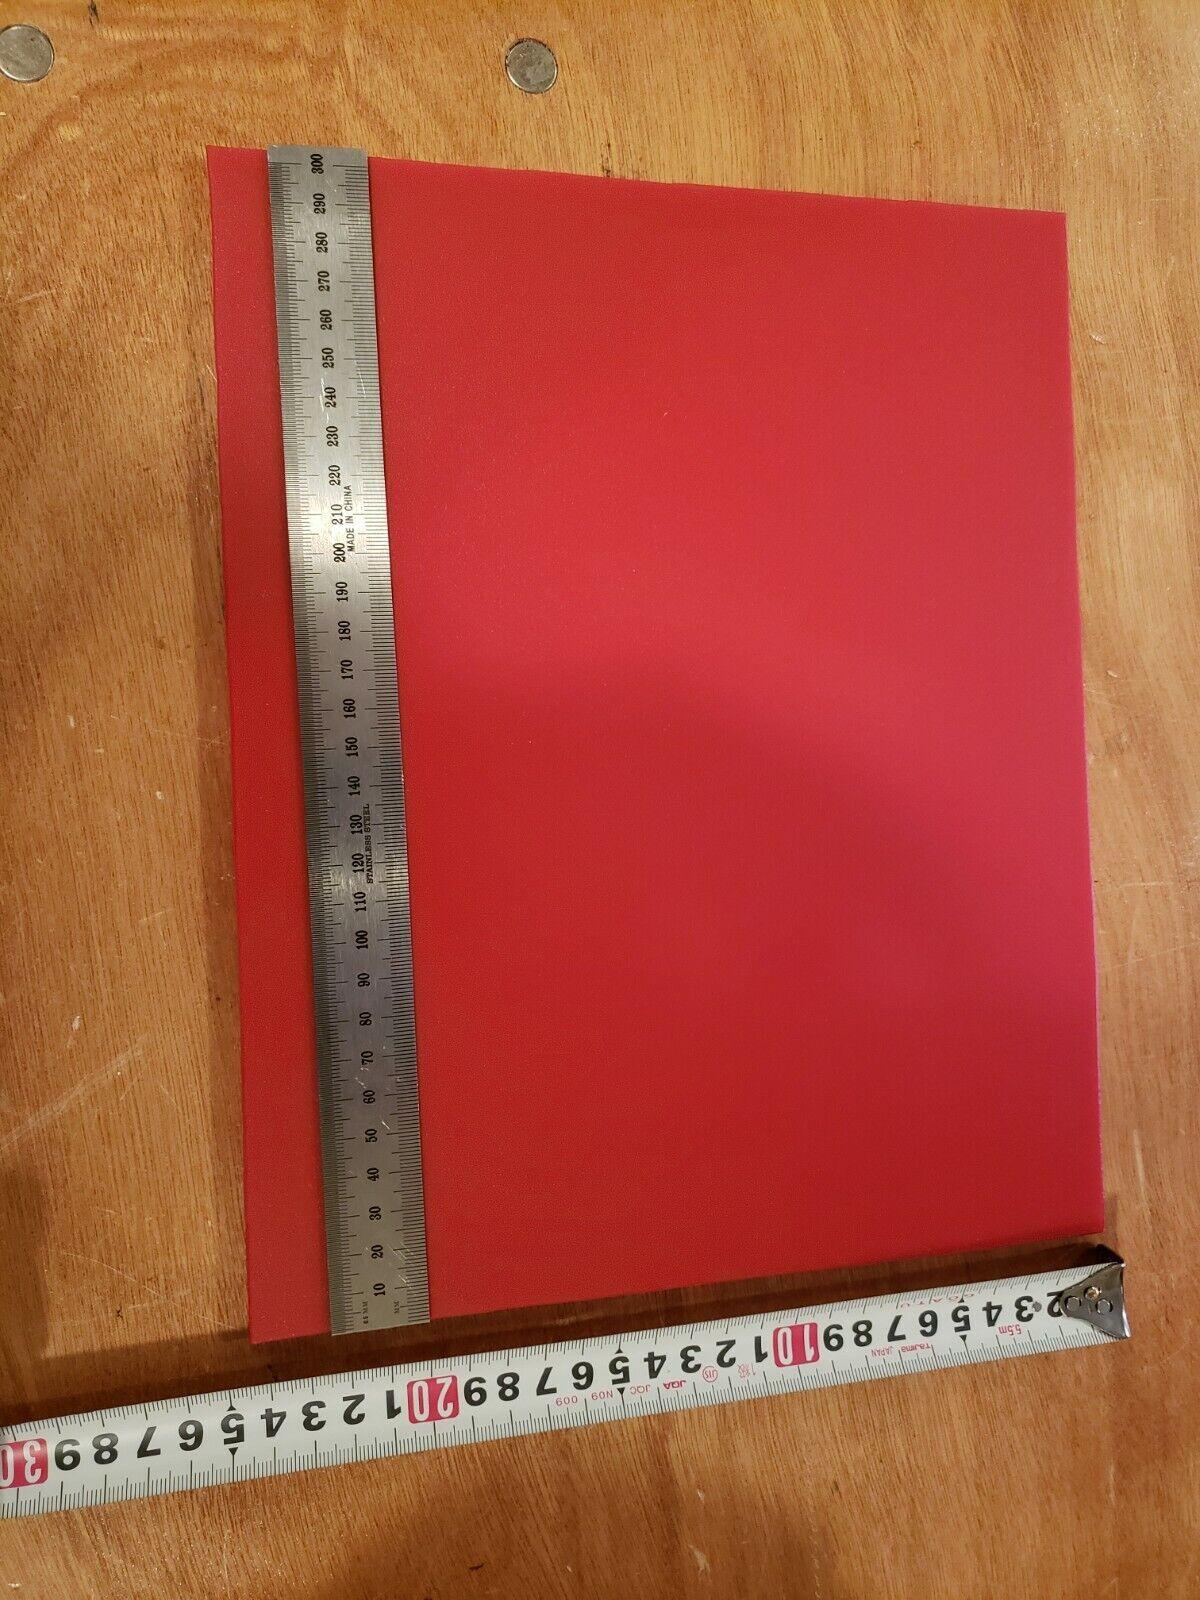 solid polypropylene 3d printer build plate (pp)